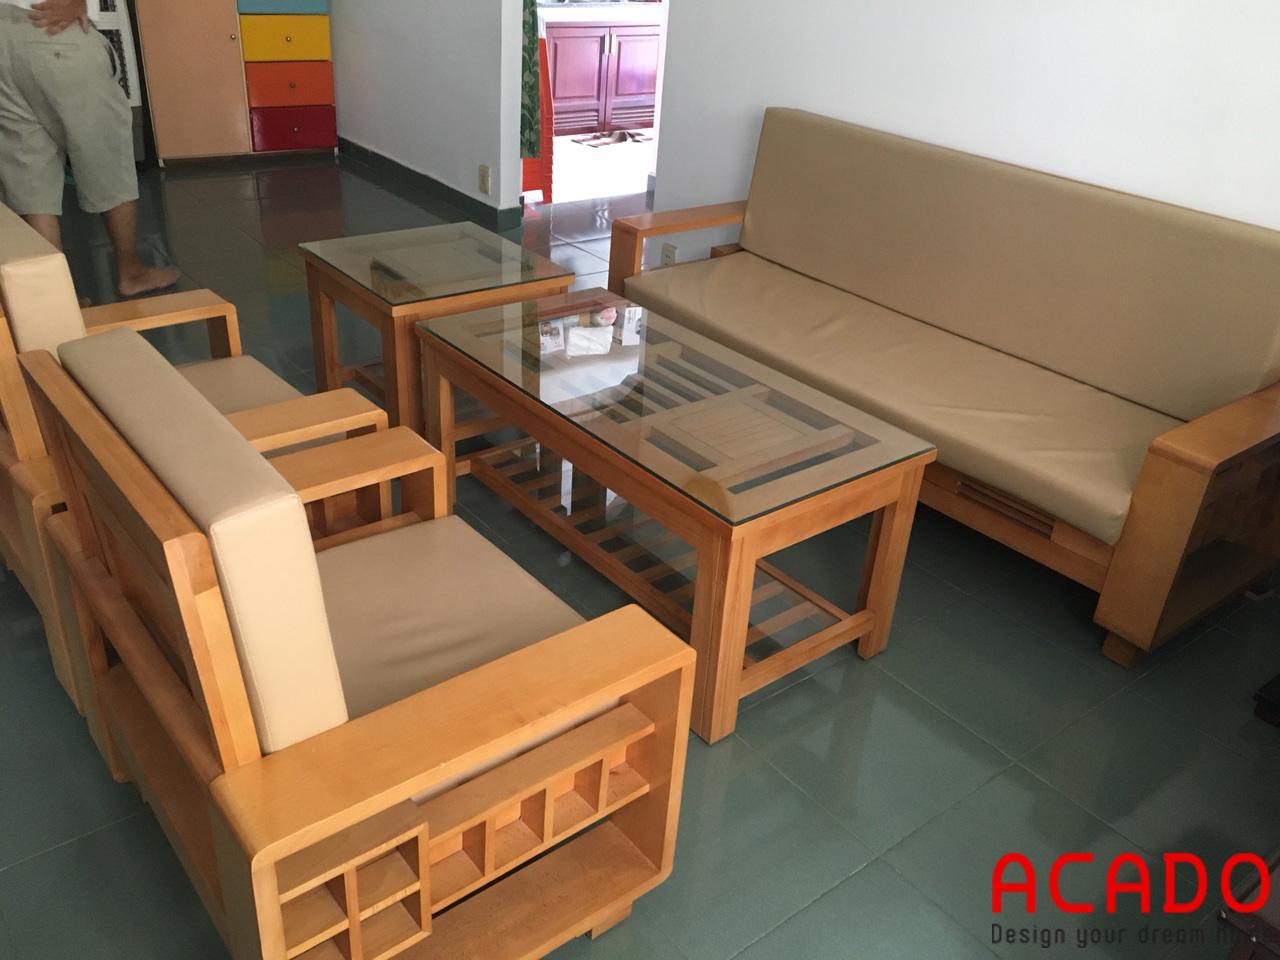 Sofa gỗ sồi Nga có thêm đệm nỉ- sofa đẹp tại nội tất Acado